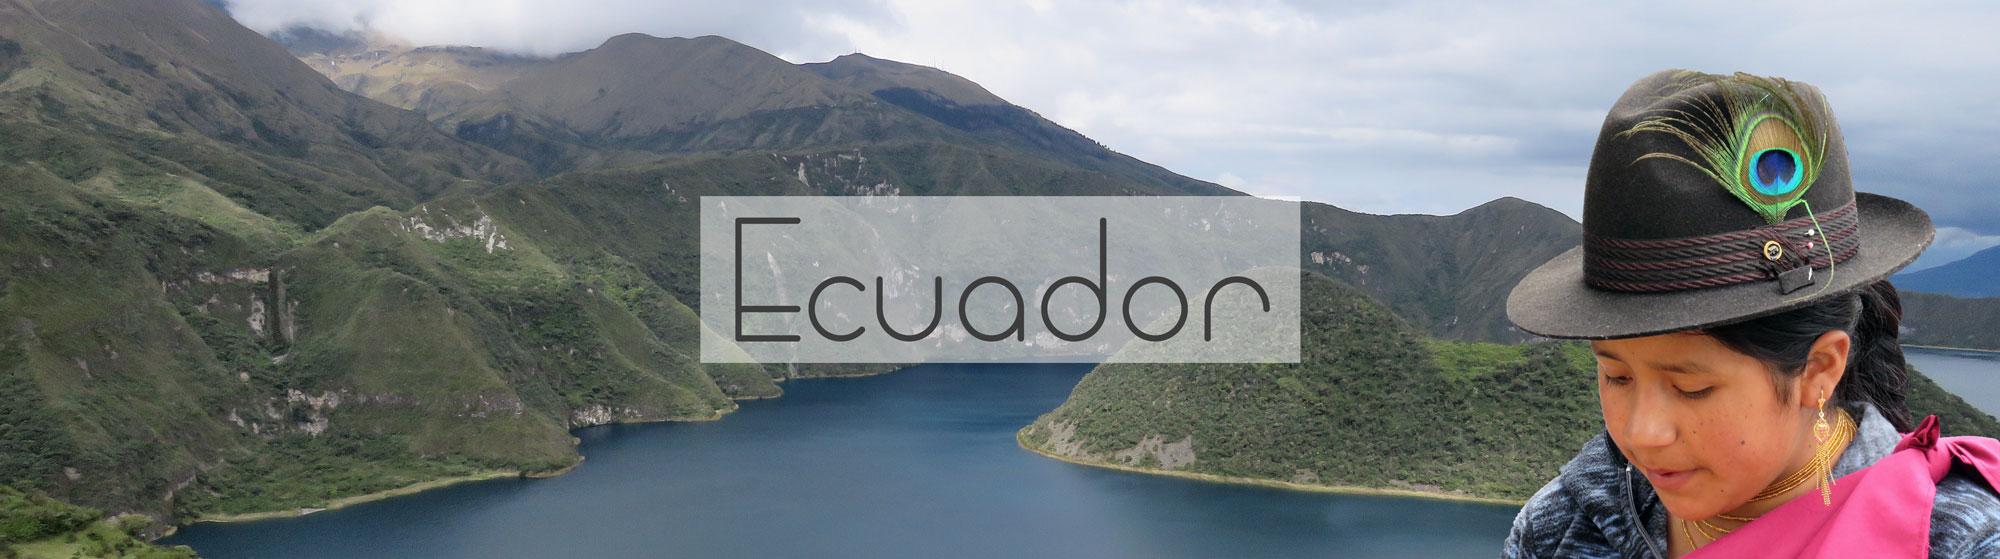 Ecuador reisinfo